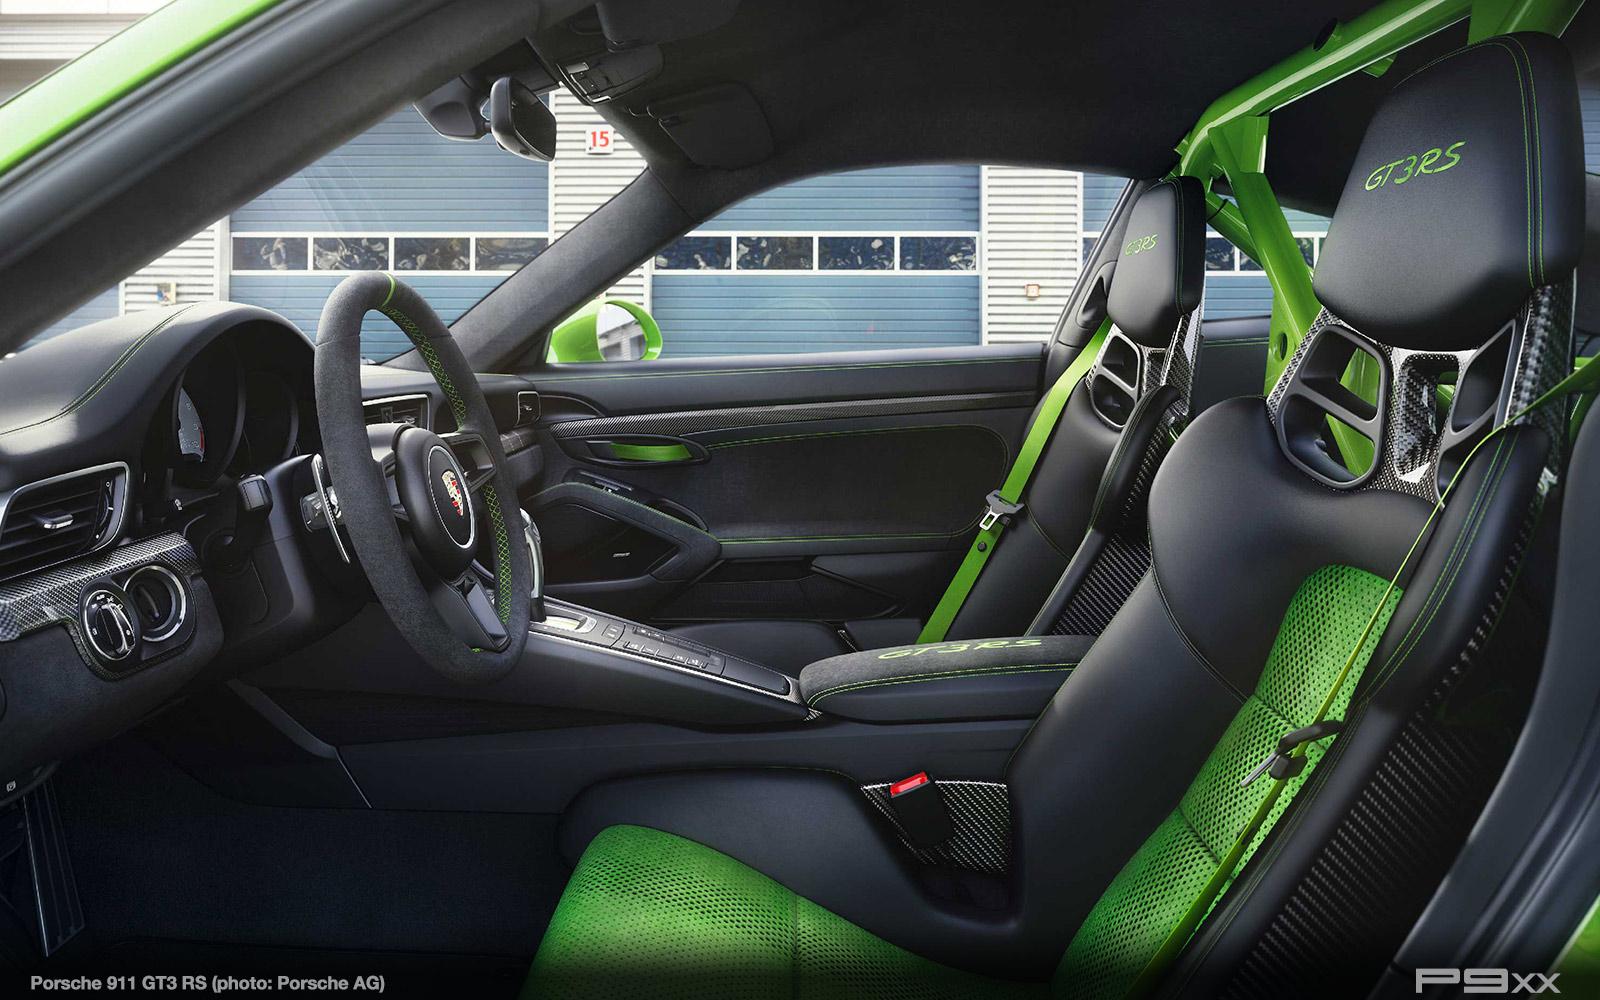 Porsche-911-GT3-RS-991-2-9912-291